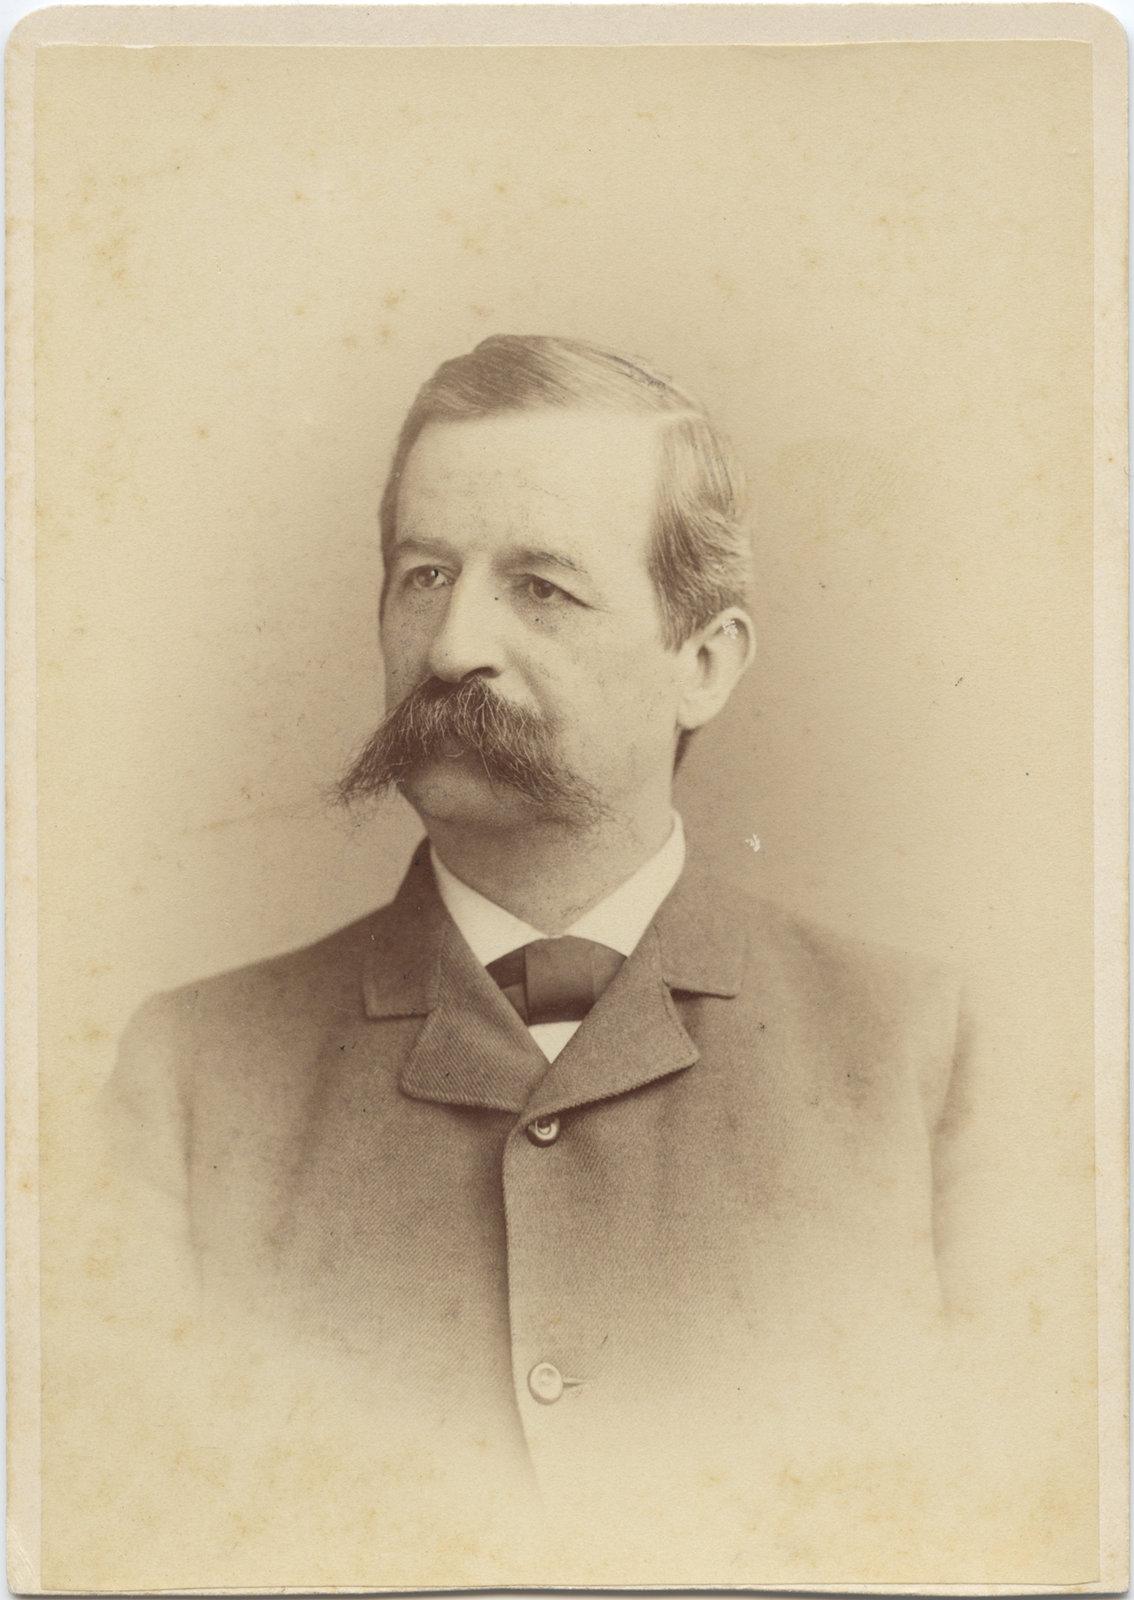 Charles Augustus Kimball